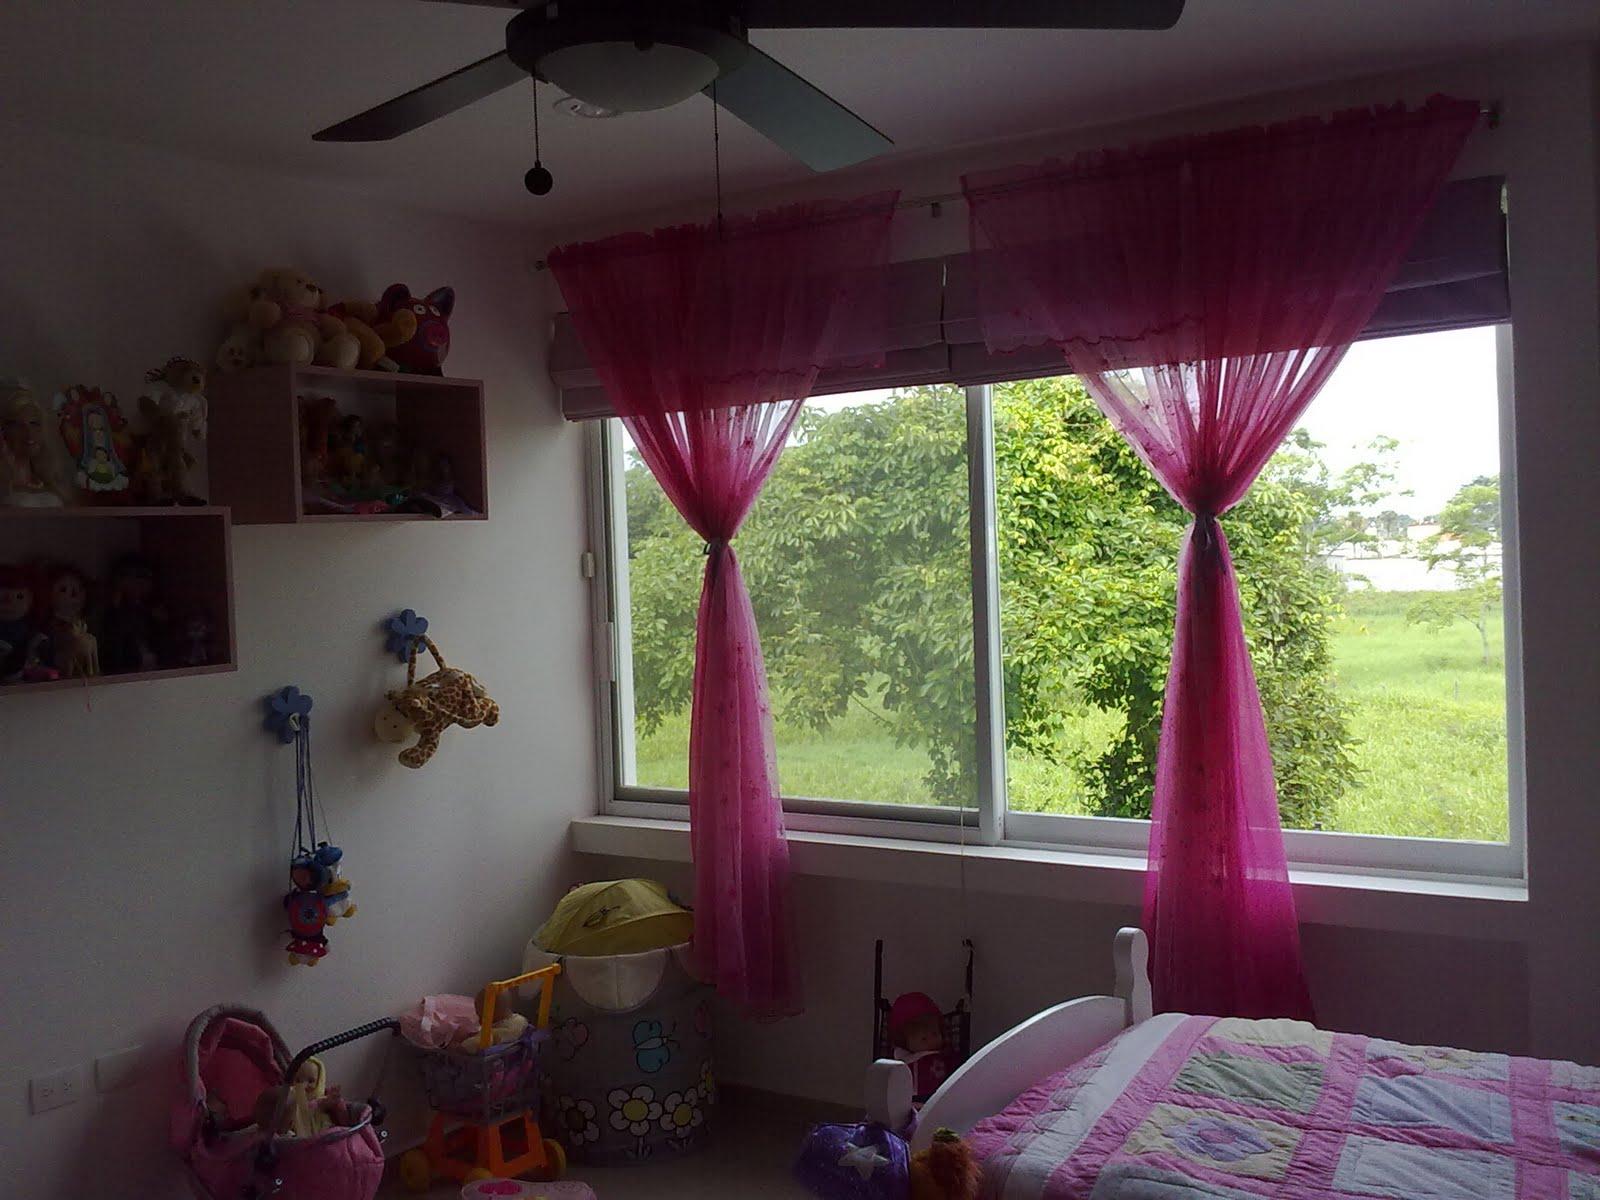 Decoraciones y cortinas hobby decoracion - Cortinas y decoraciones ...